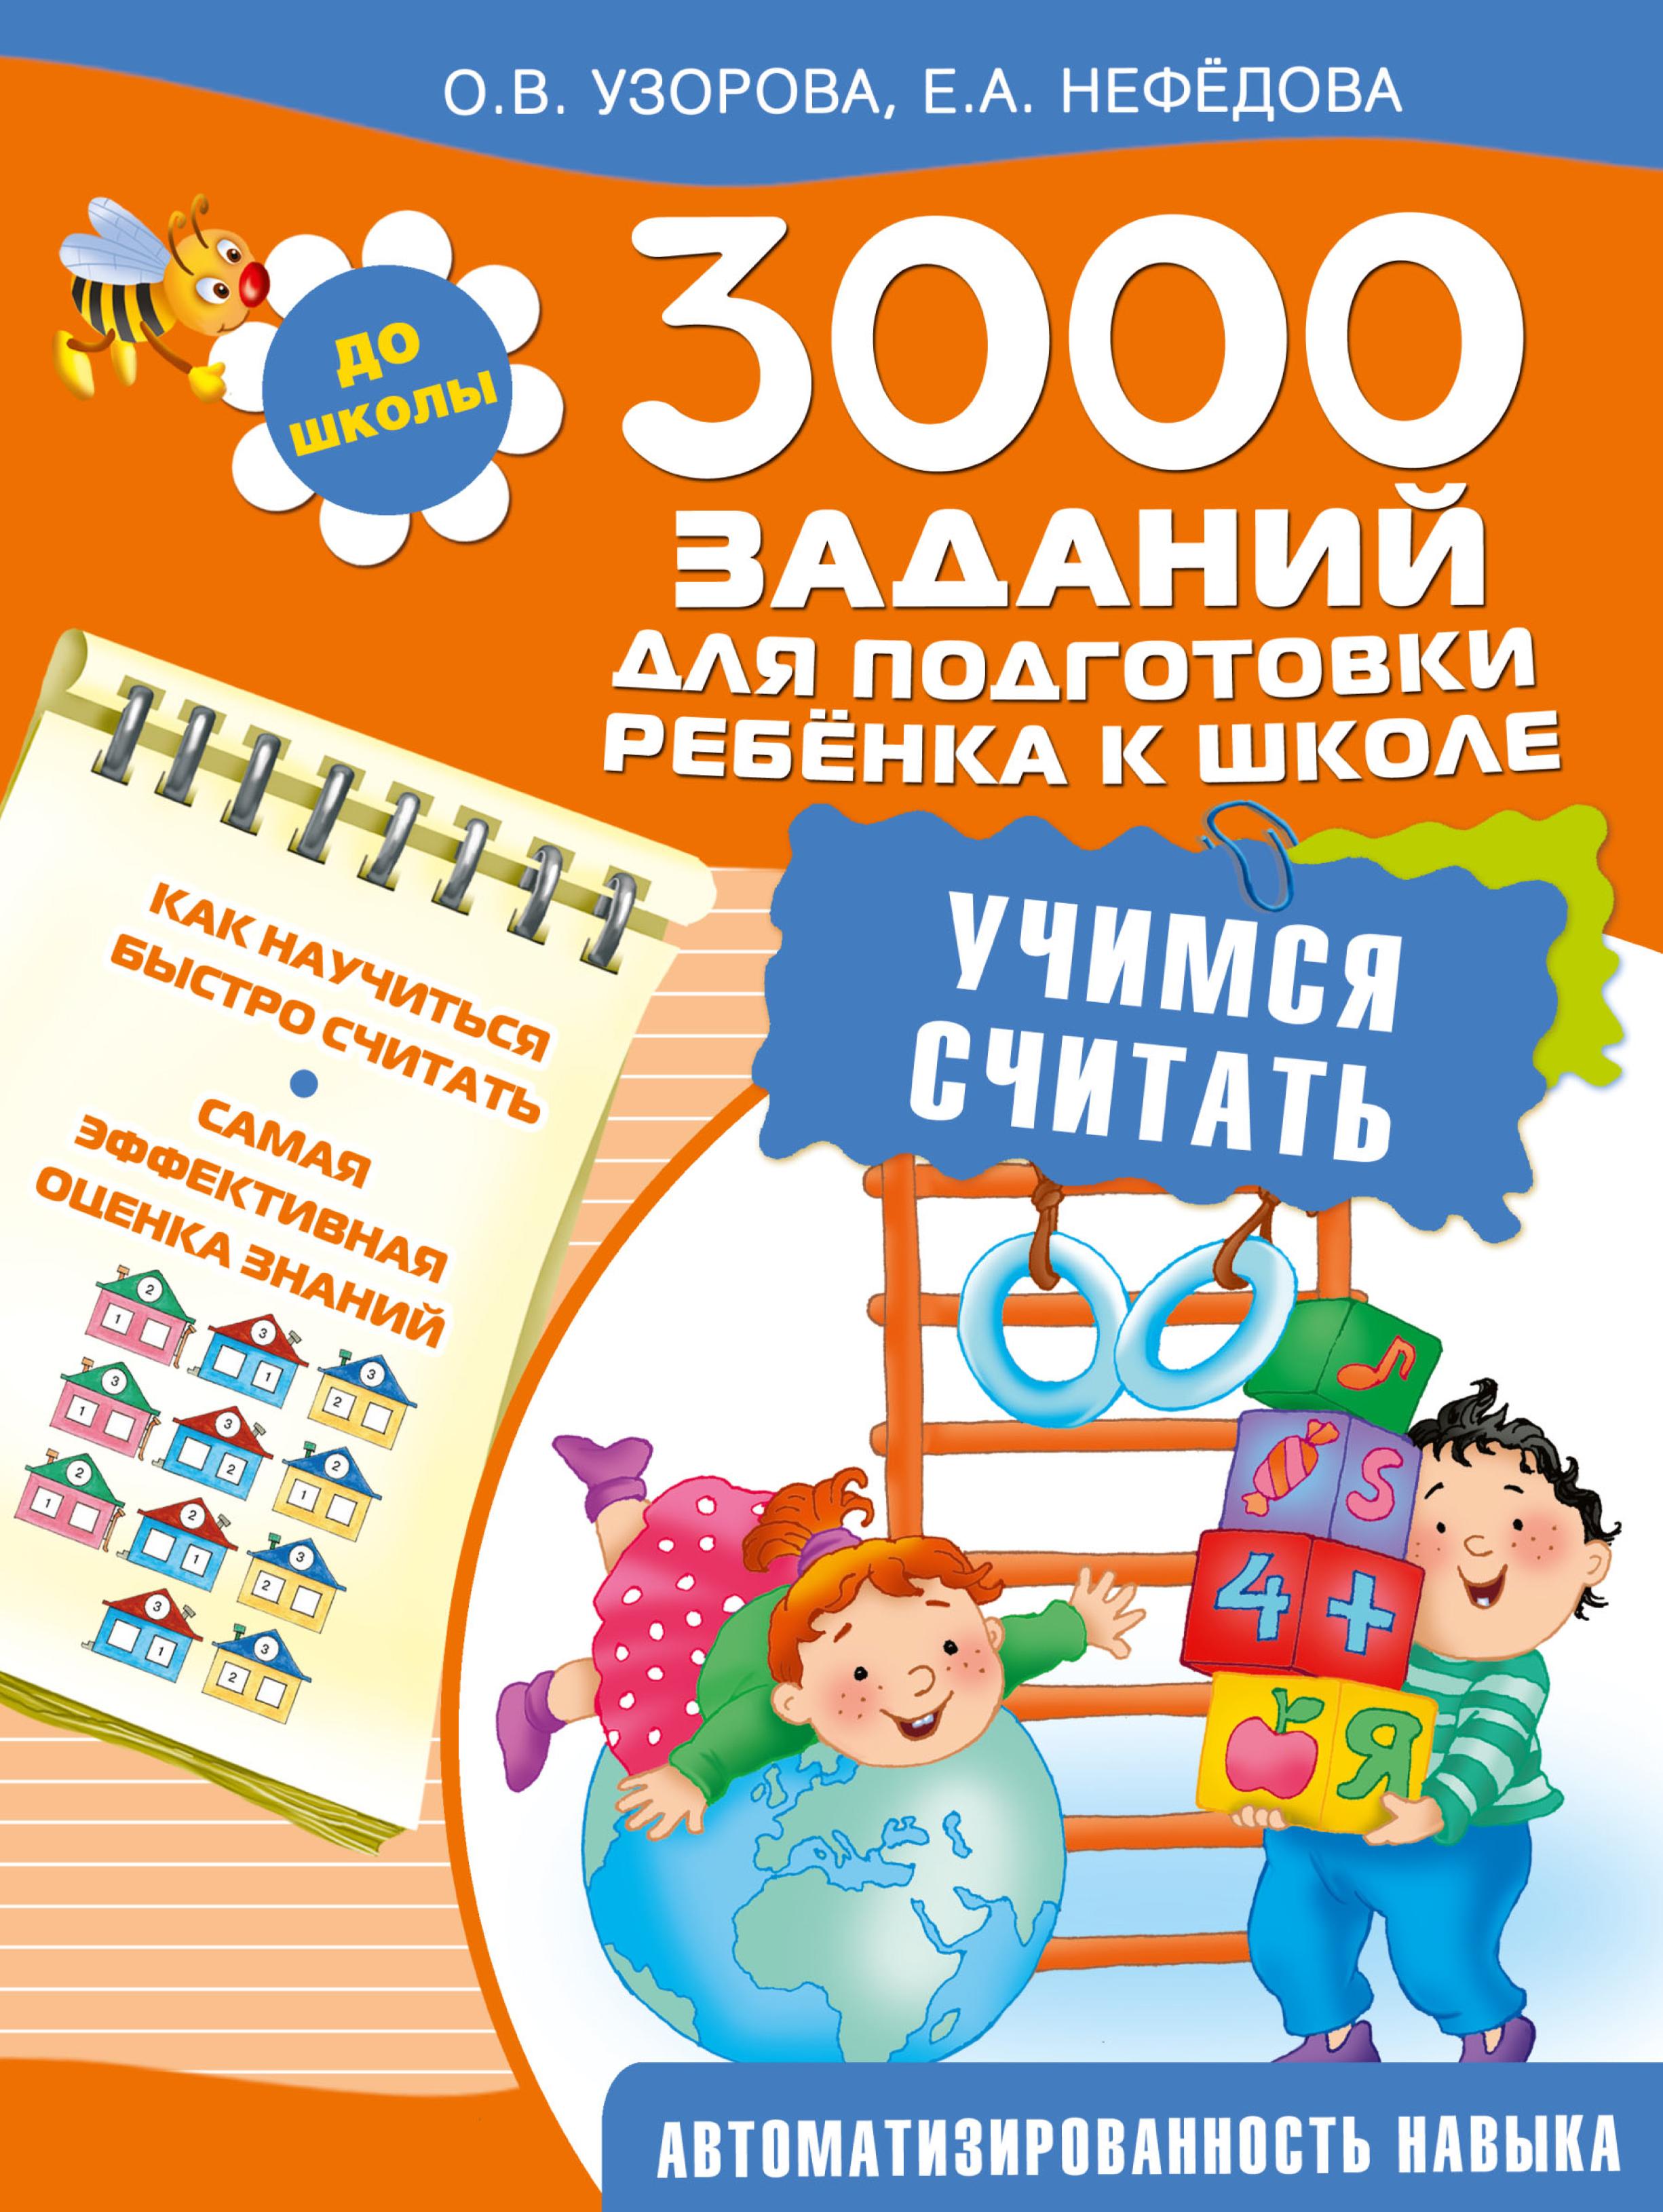 О. В. Узорова 3000 заданий для подготовки ребенка к школе. Учимся считать узорова о нефедова е 3000 заданий для подготовки детей к школе раскрась и запомни состав числа от 2 до 10